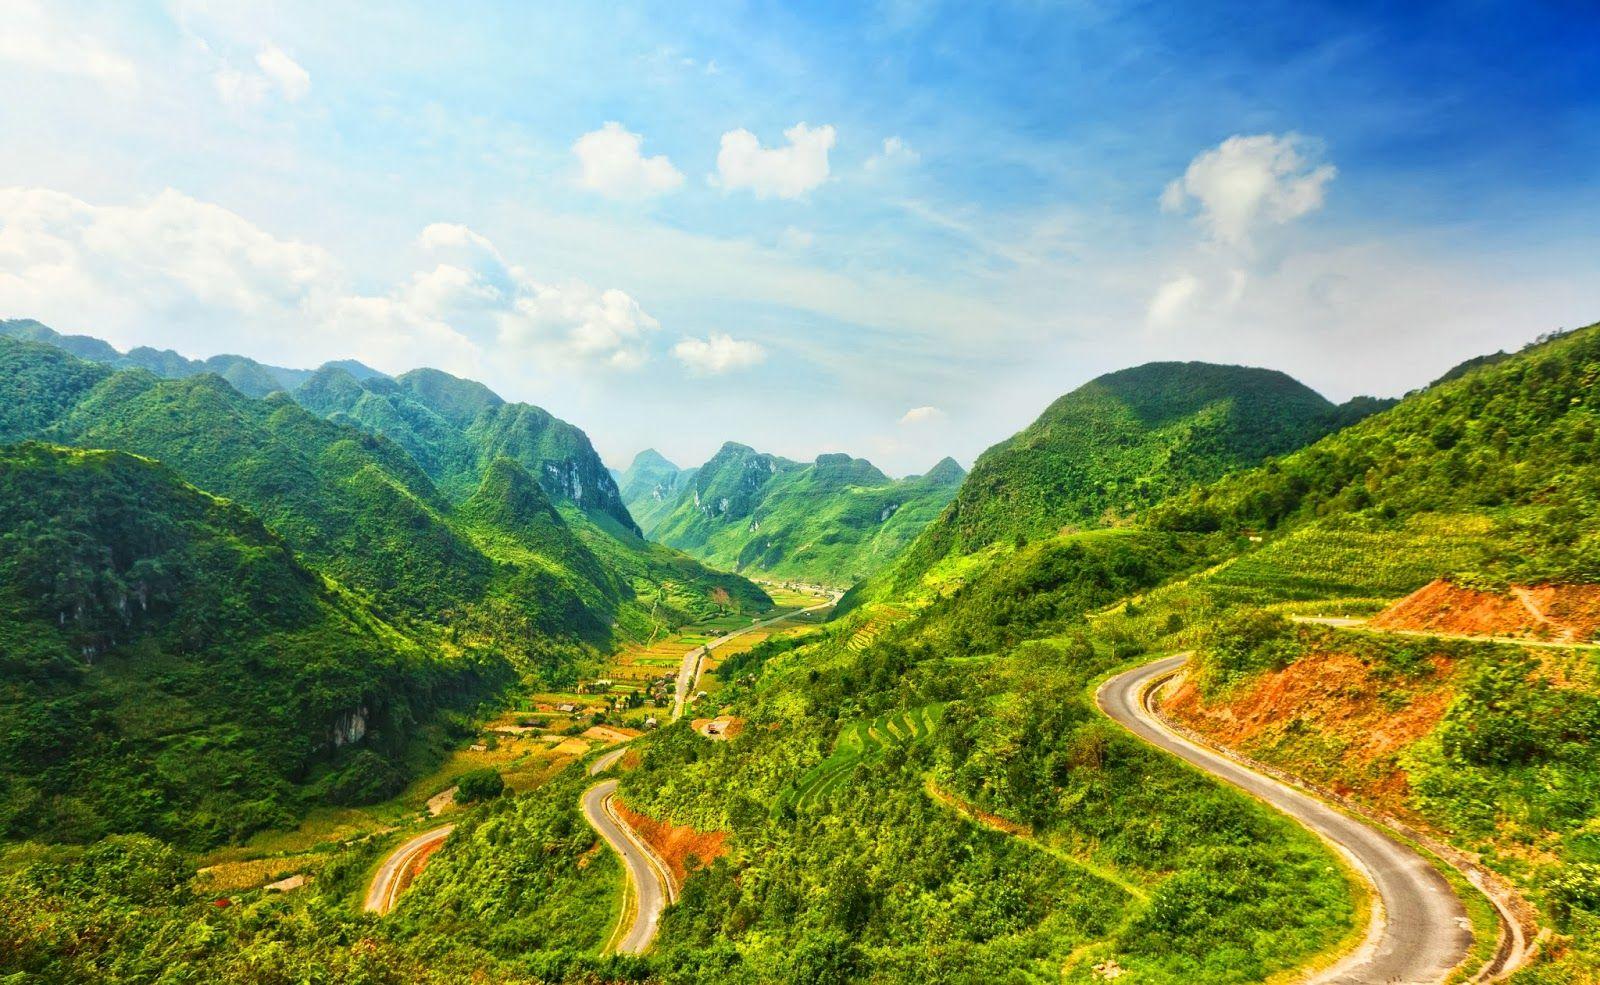 Núi là vùng đất cao, trên 300 mét là núi. Đồi là dạng nhỏ hơn núi